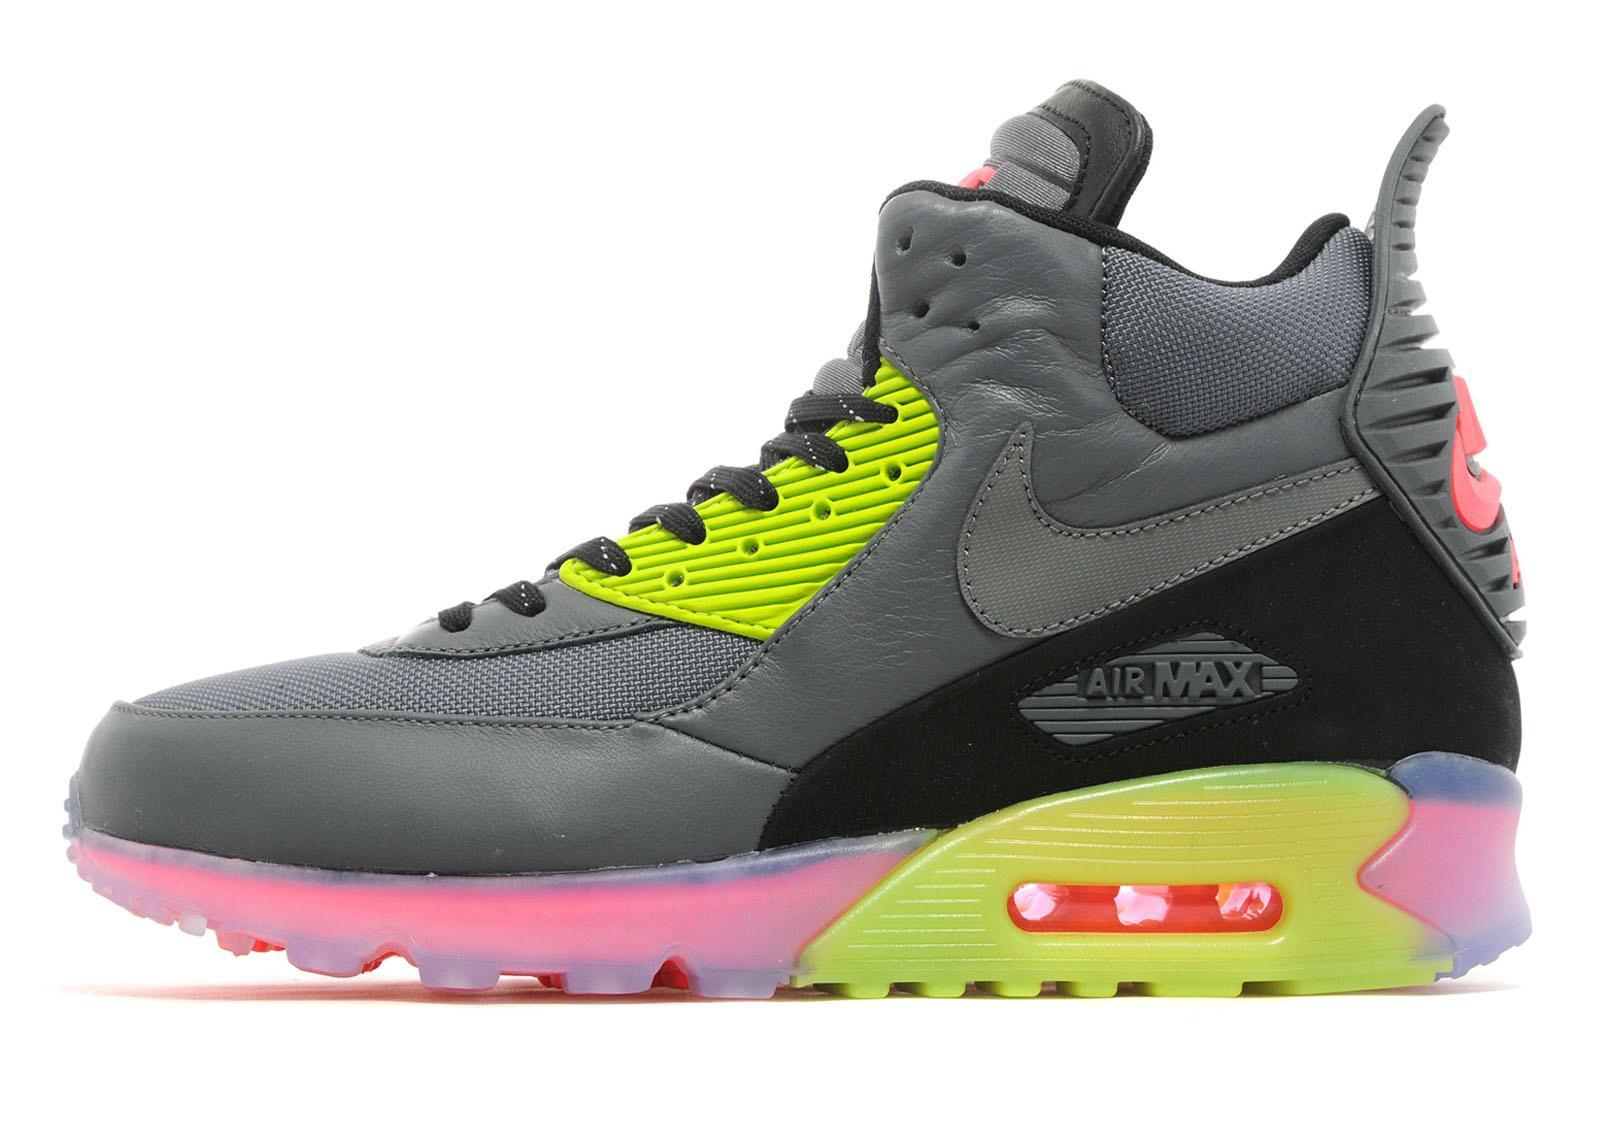 Nike Air Max Altas